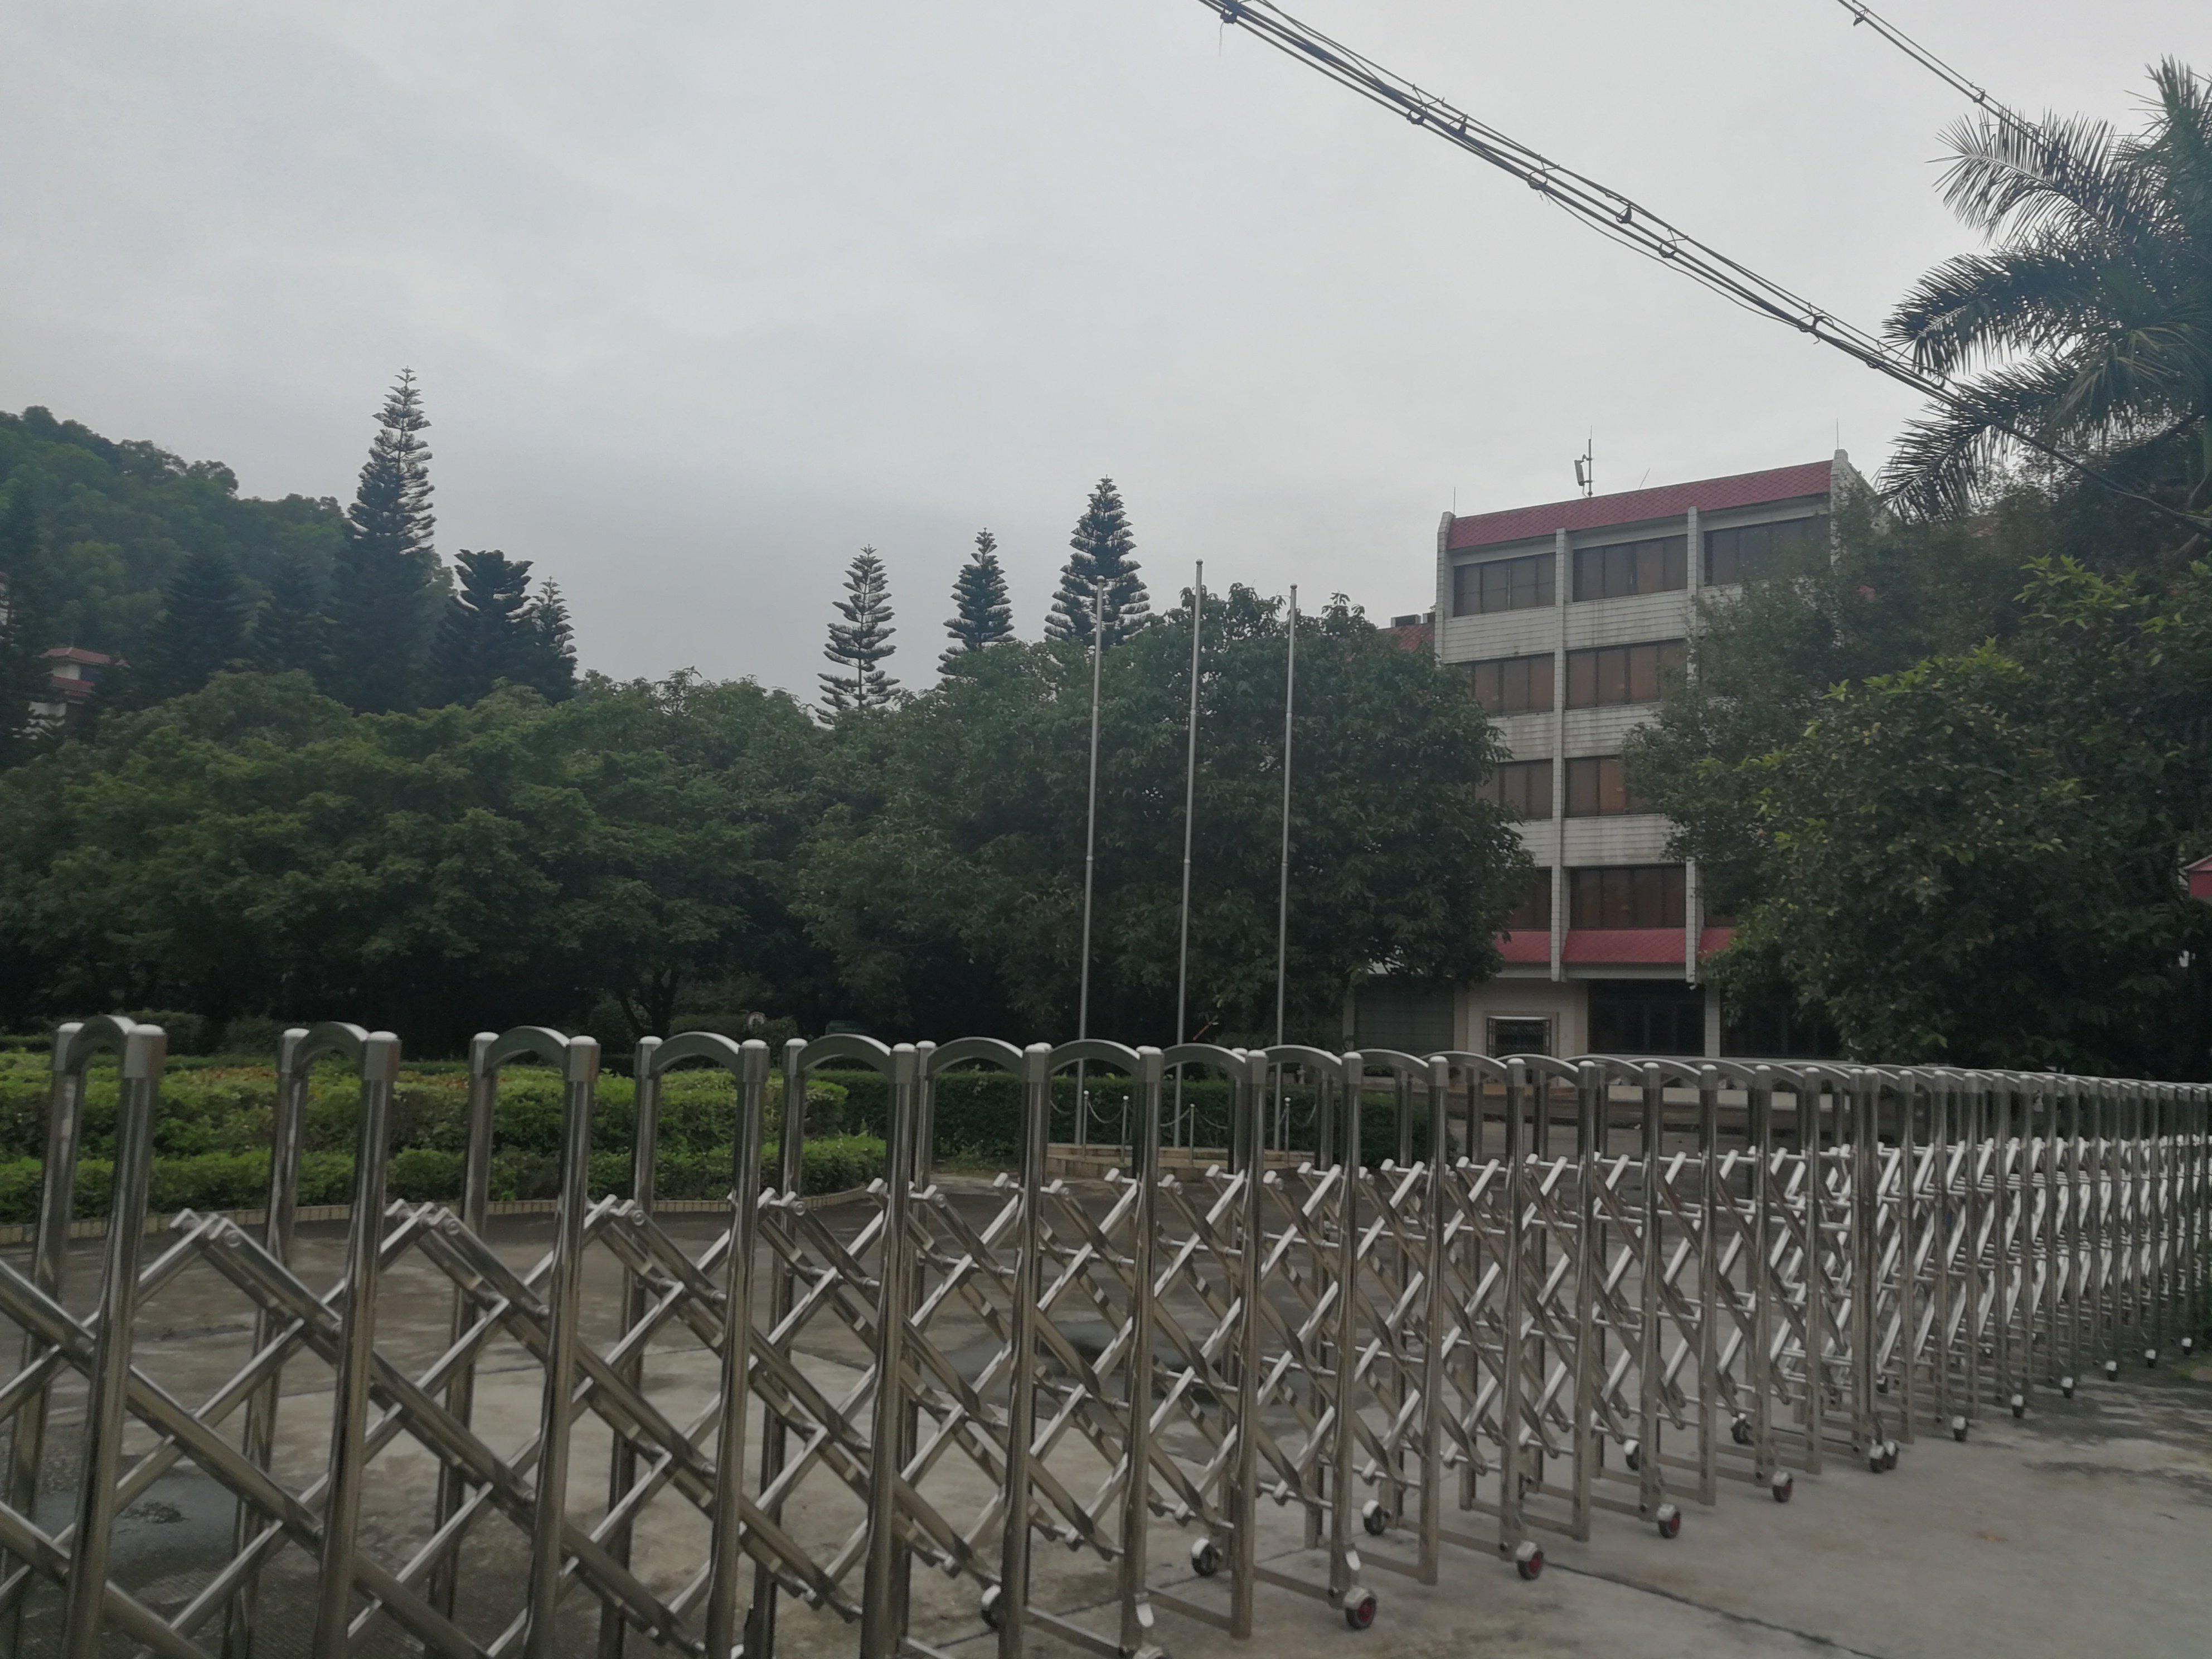 广州番禺教育用地厂房出售占地23000平环境优美养老院的选择